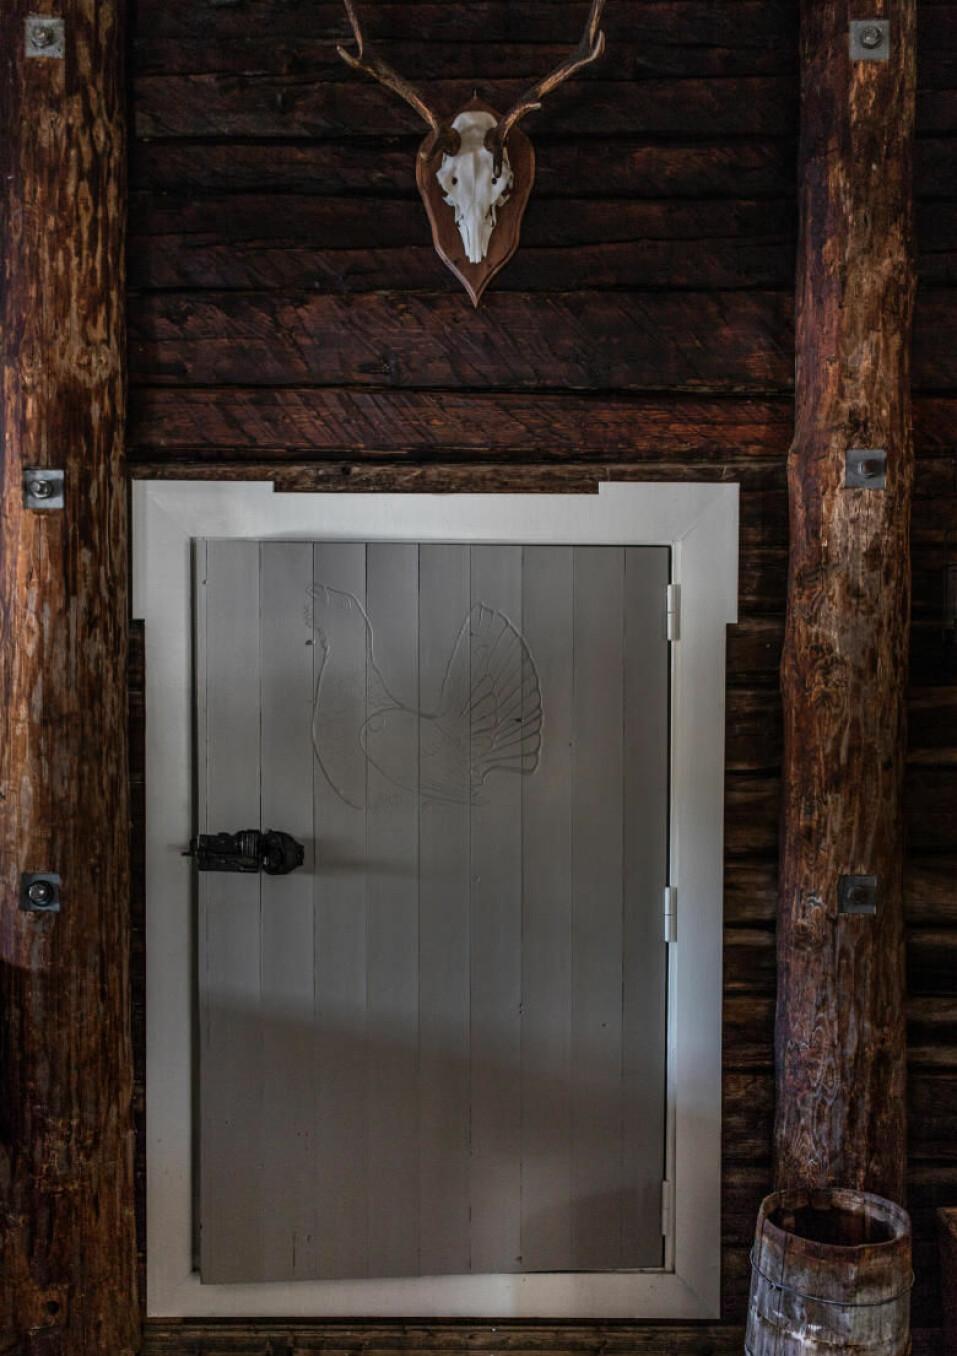 Fjøsdør. Inngangen til den gamle delen av hytta, det opprinnelige fjøset, har fått en lav, bred dør, slik de gamle fjøsene hadde. Thomas har selv bygget  den og skåret motivet av  en tiur i den.